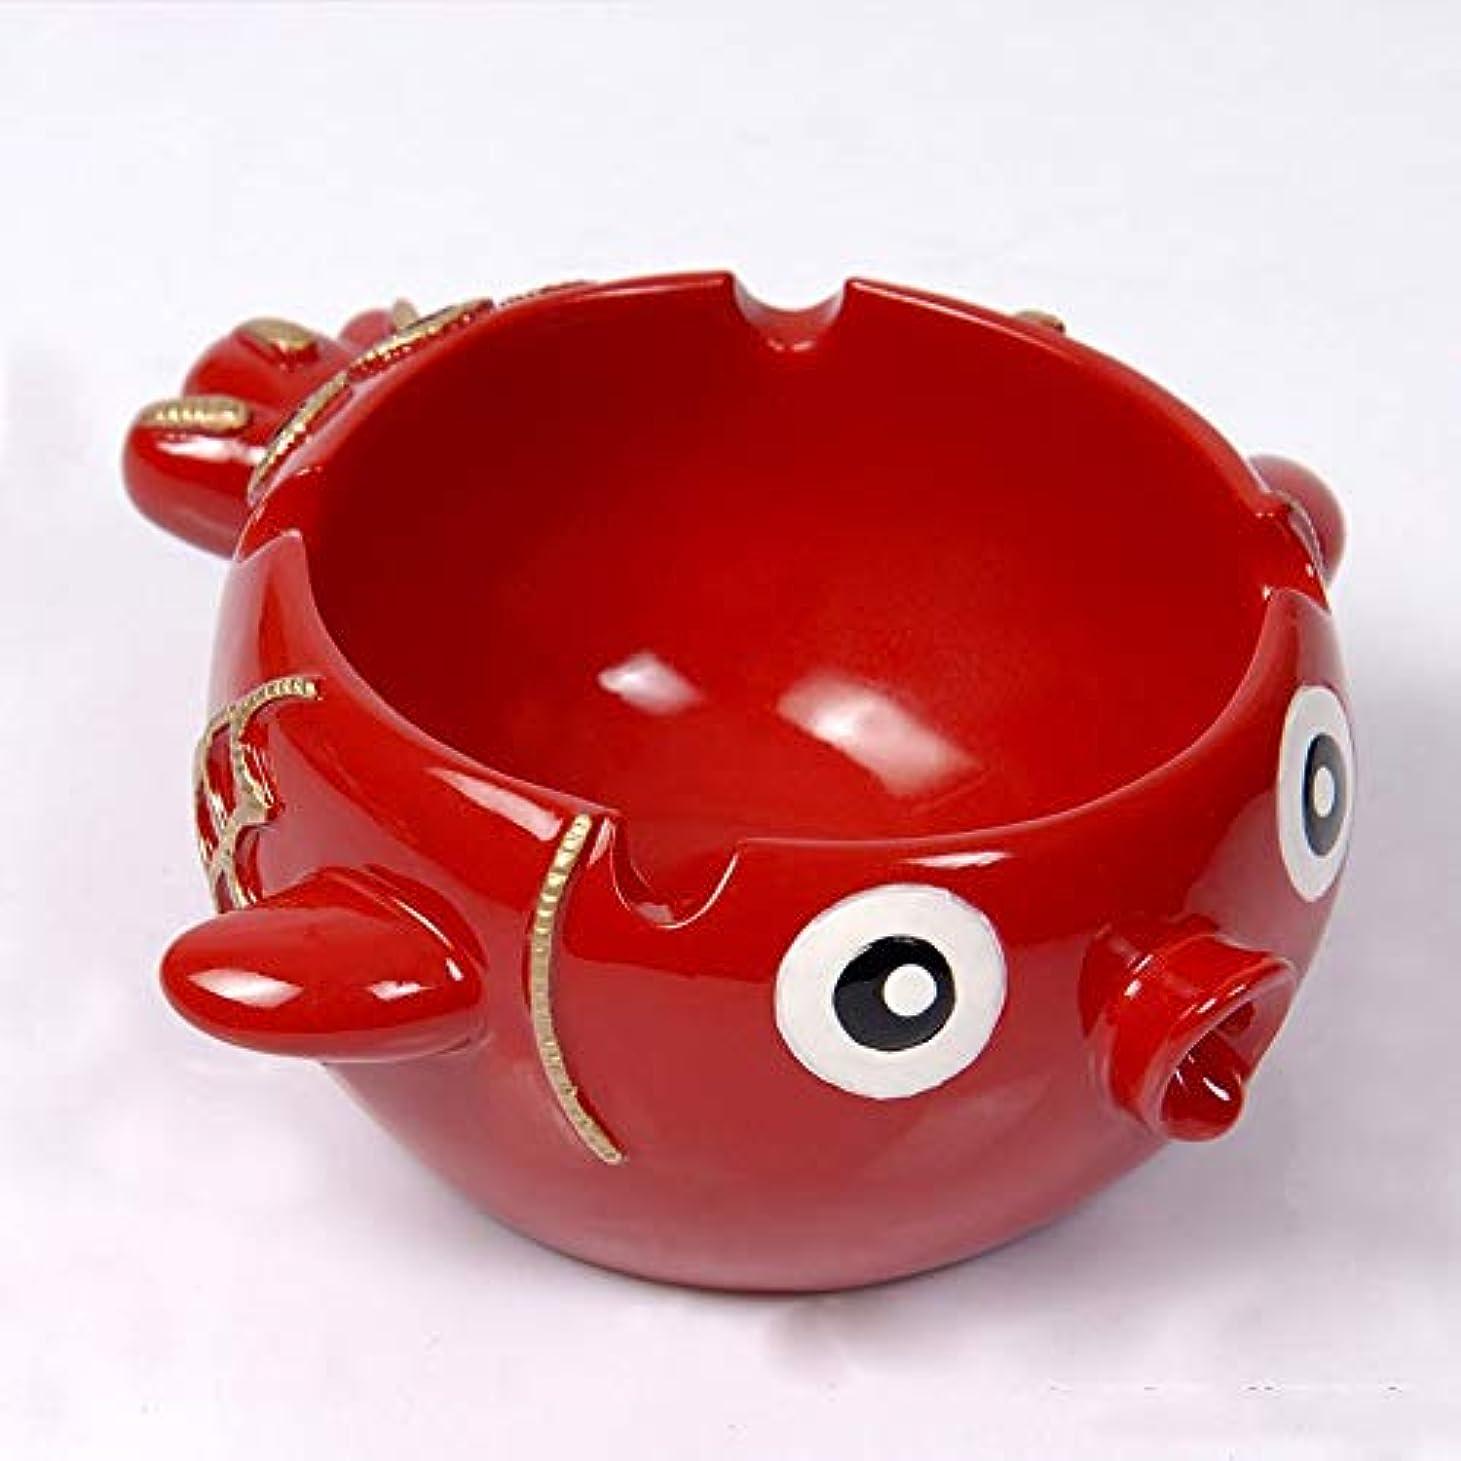 タバコブラザー専門用語タバコ、ギフトおよび総本店の装飾のための灰皿の円形の光沢のある樹脂の灰皿